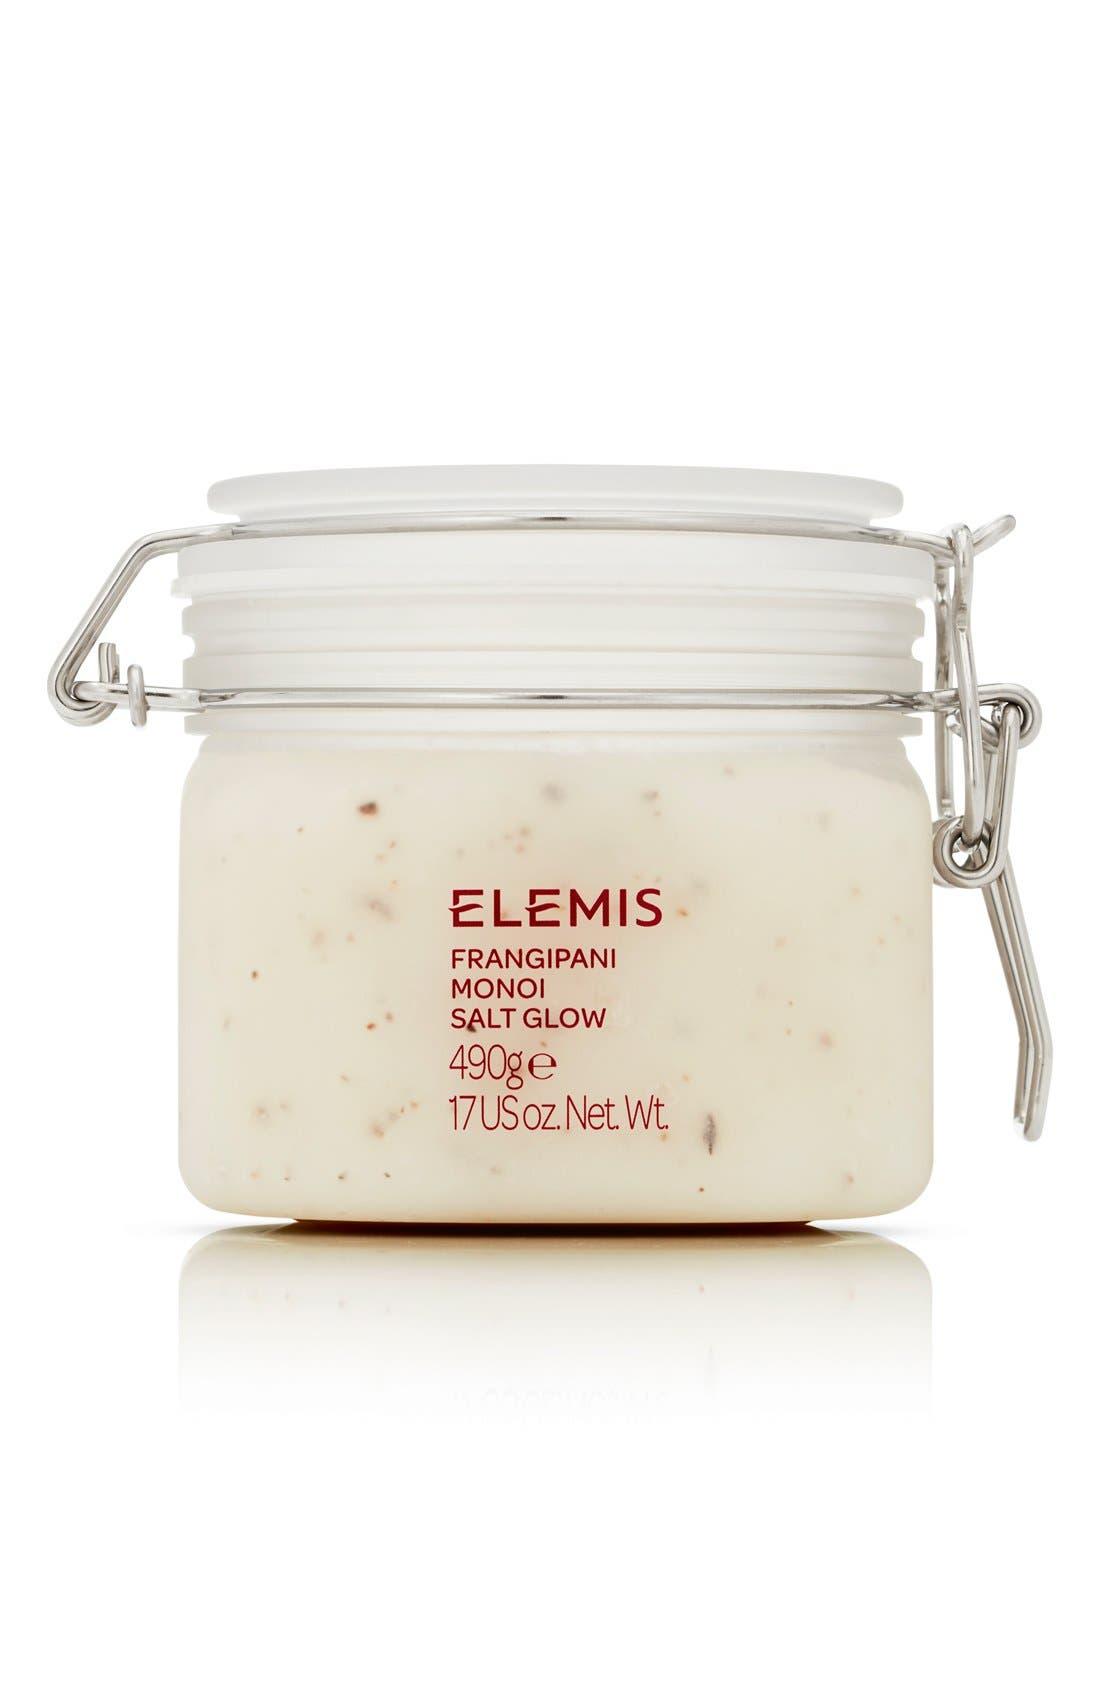 Elemis Frangipani Monoi Salt Glow Scrub